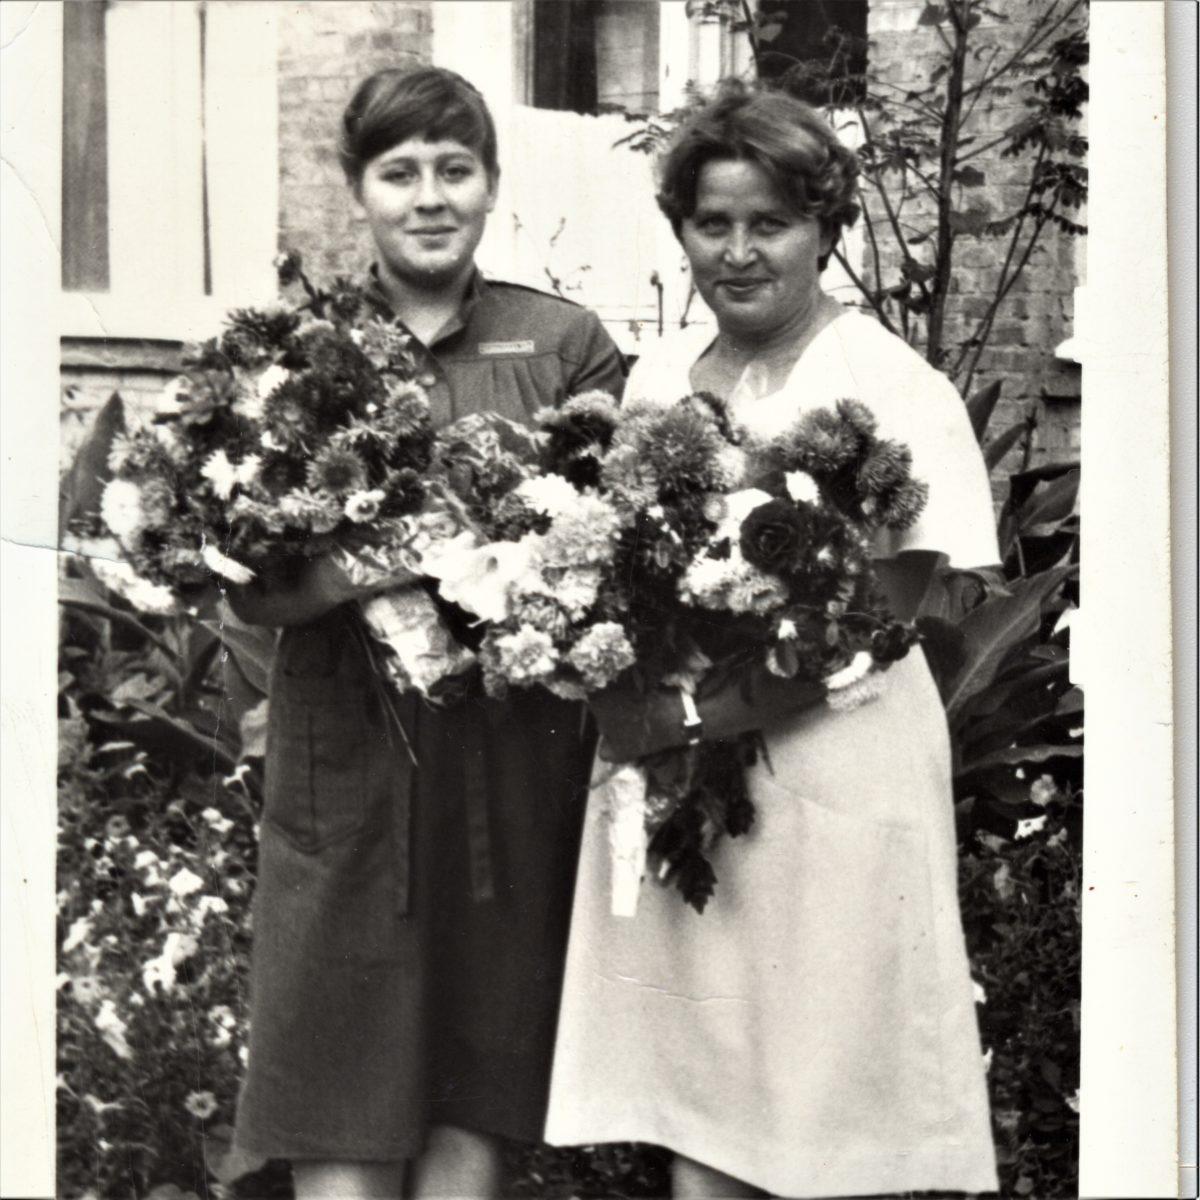 Мои мама и бабушка 1 сентября 1984 года, школа №20, Таганрог